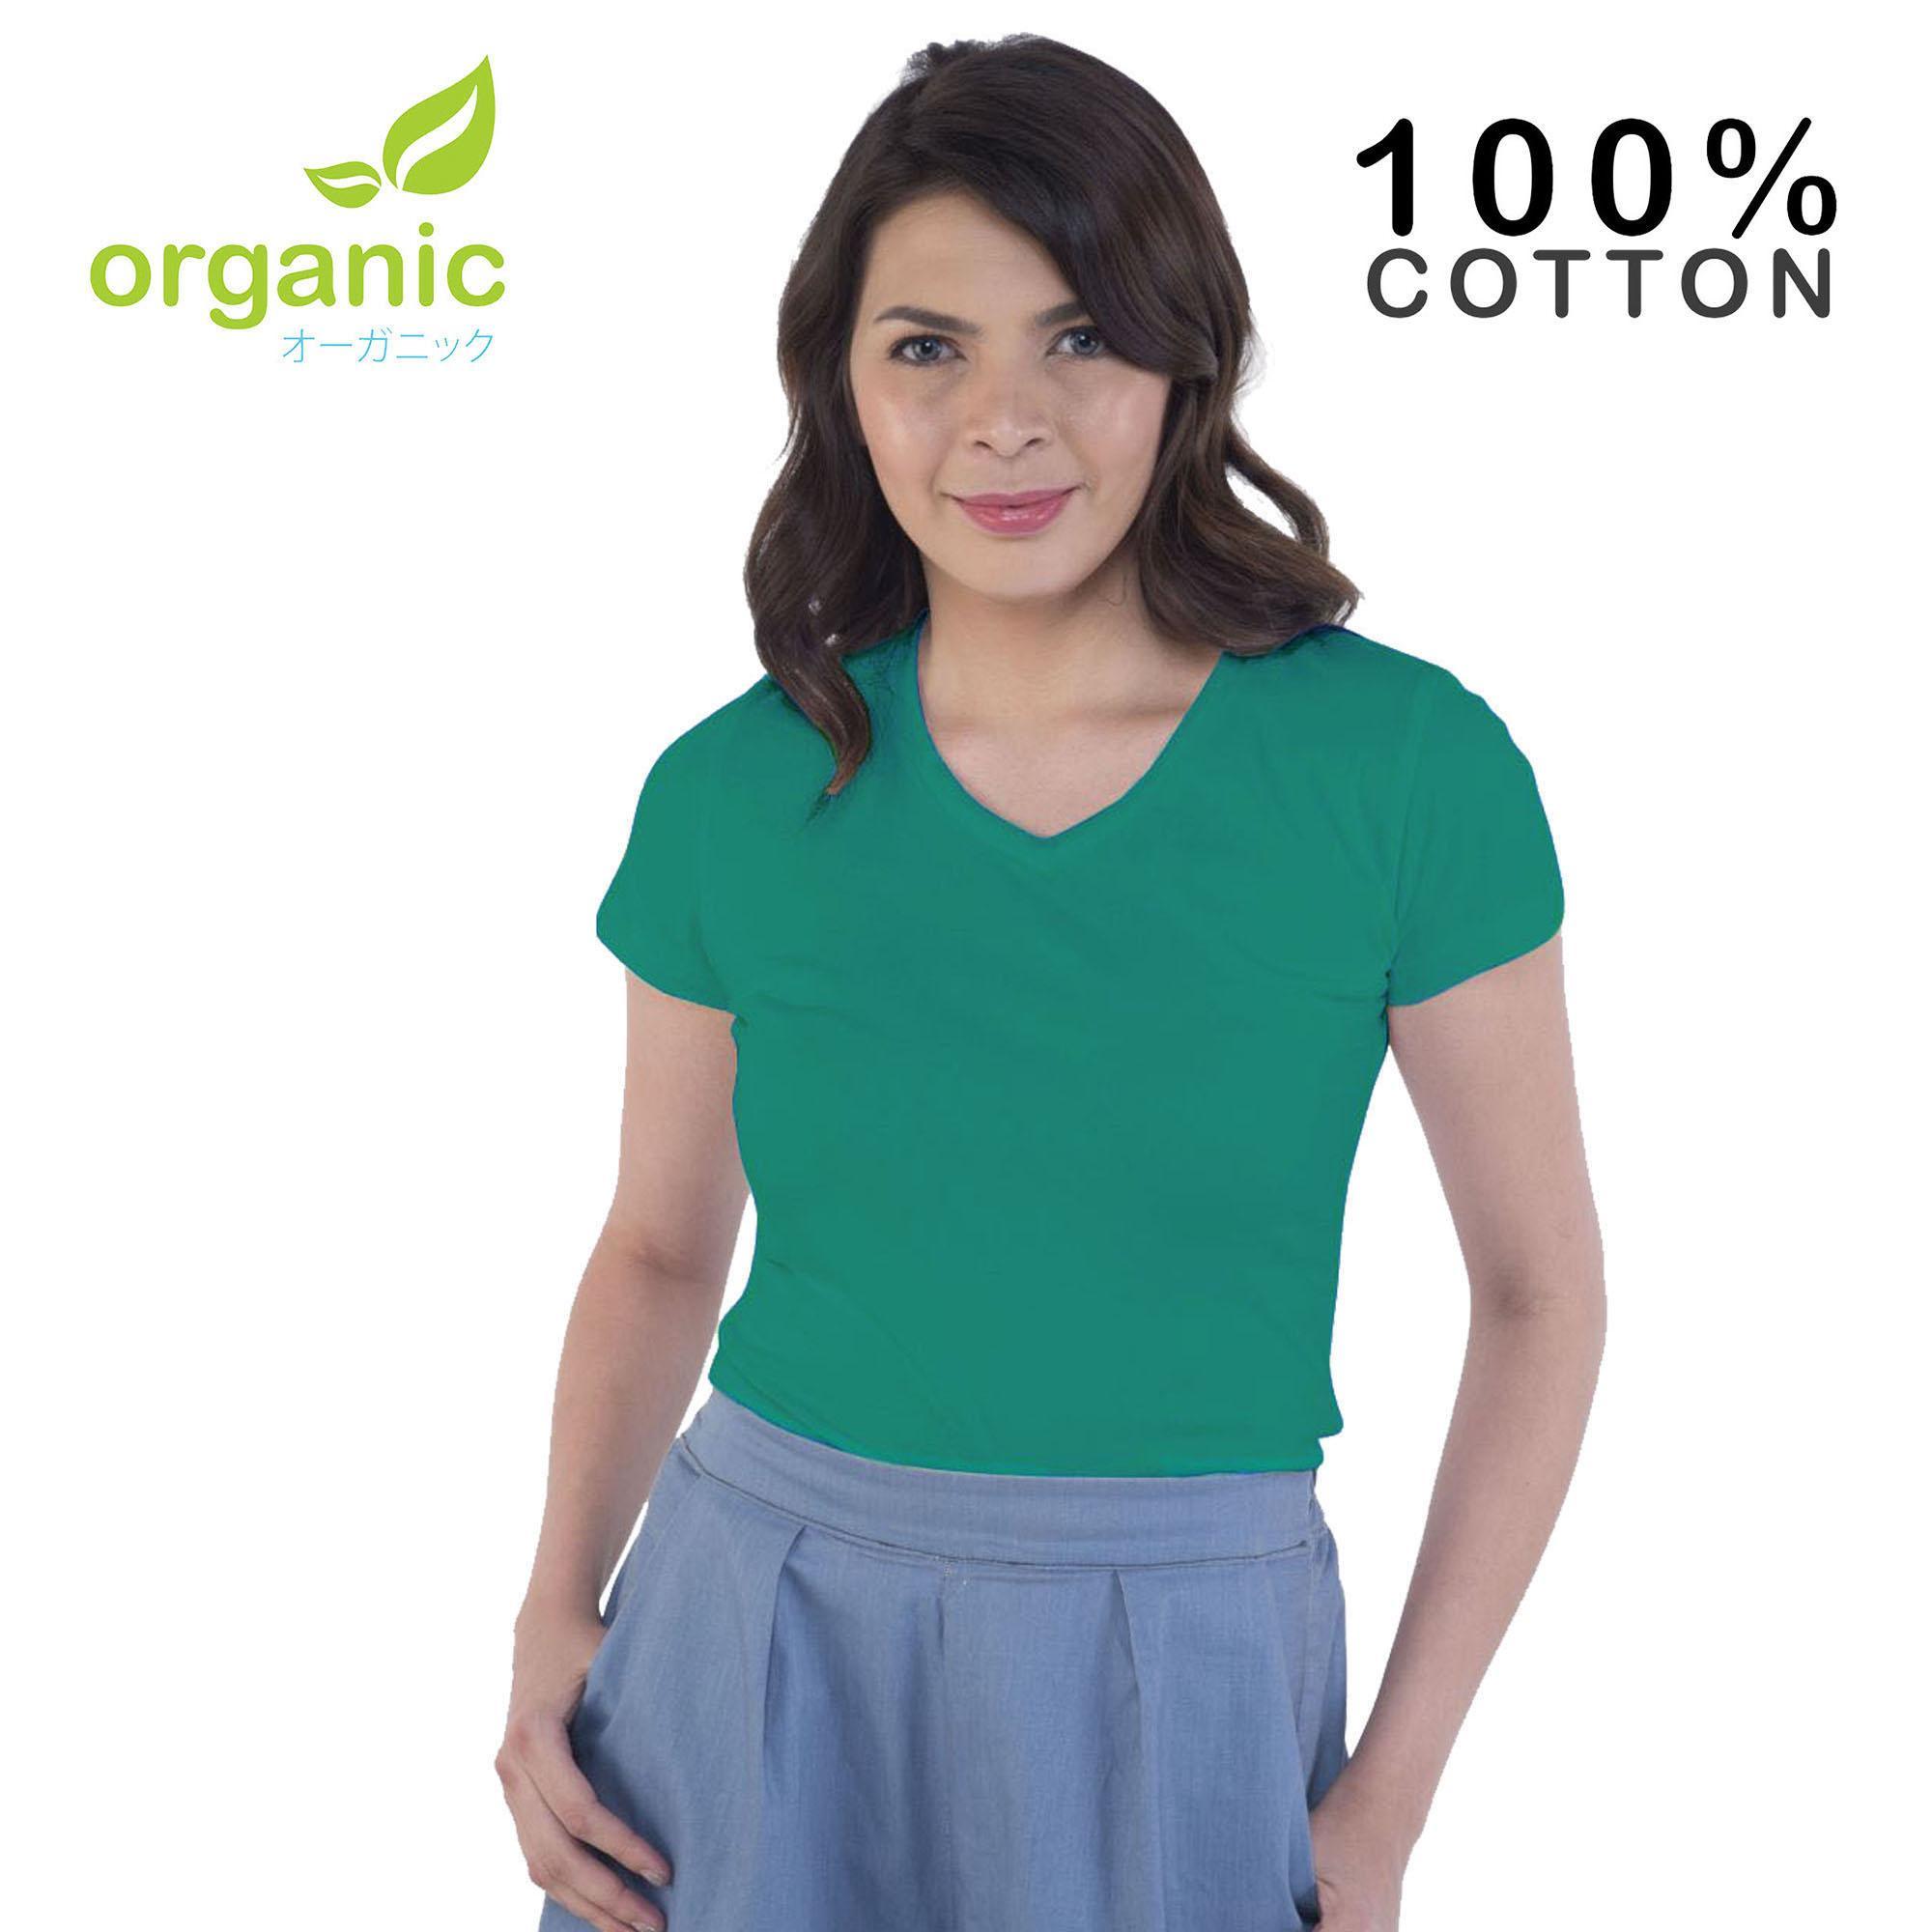 Organic Ladies 100% Cotton Vneck Fashionable Tees t shirt tshirt shirts  tshirts v neck blouse 71bcc00350